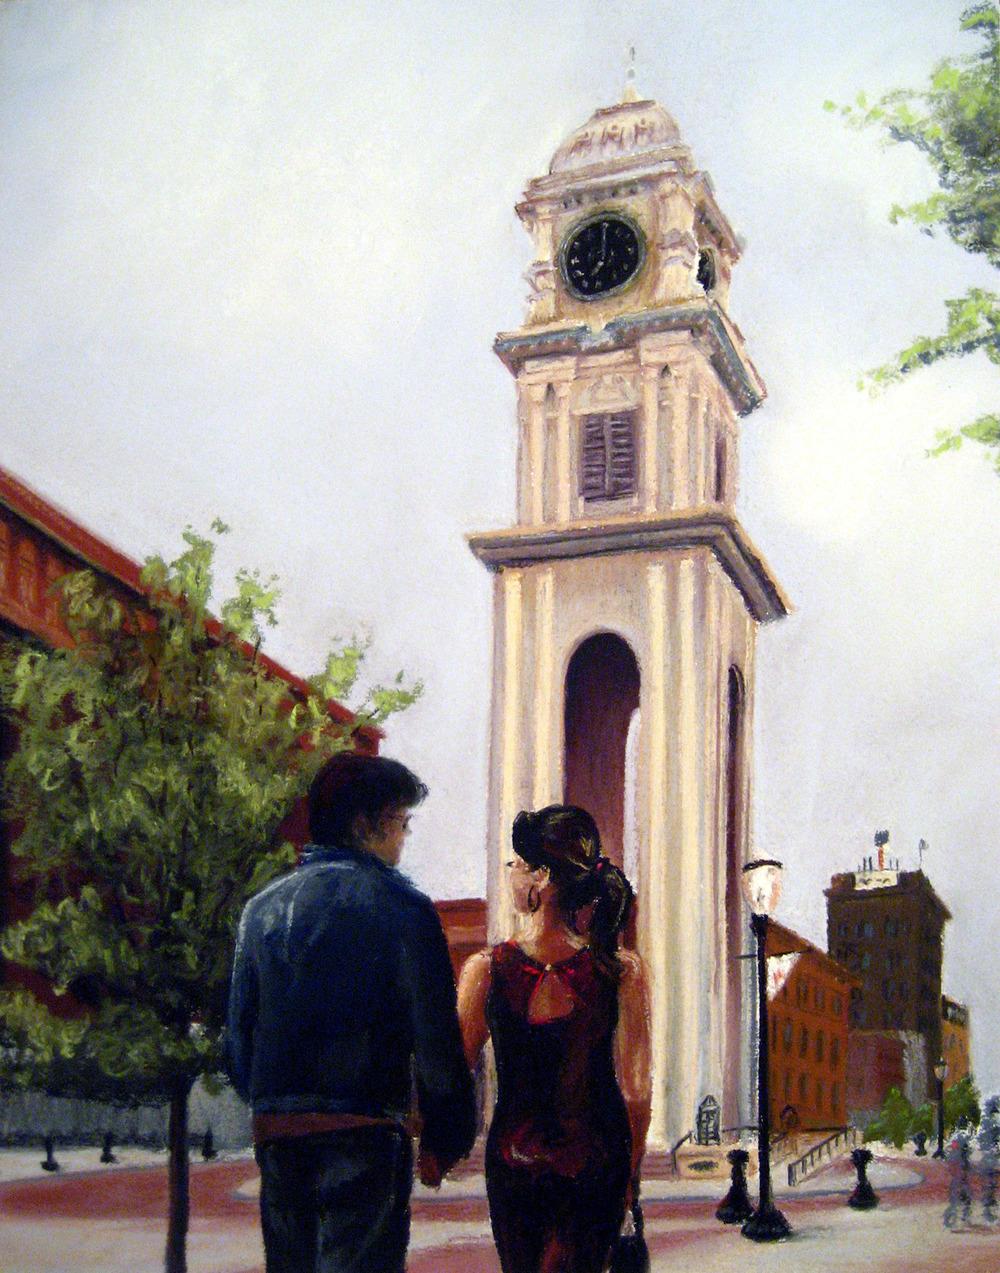 Town Clock Promenade, 2008